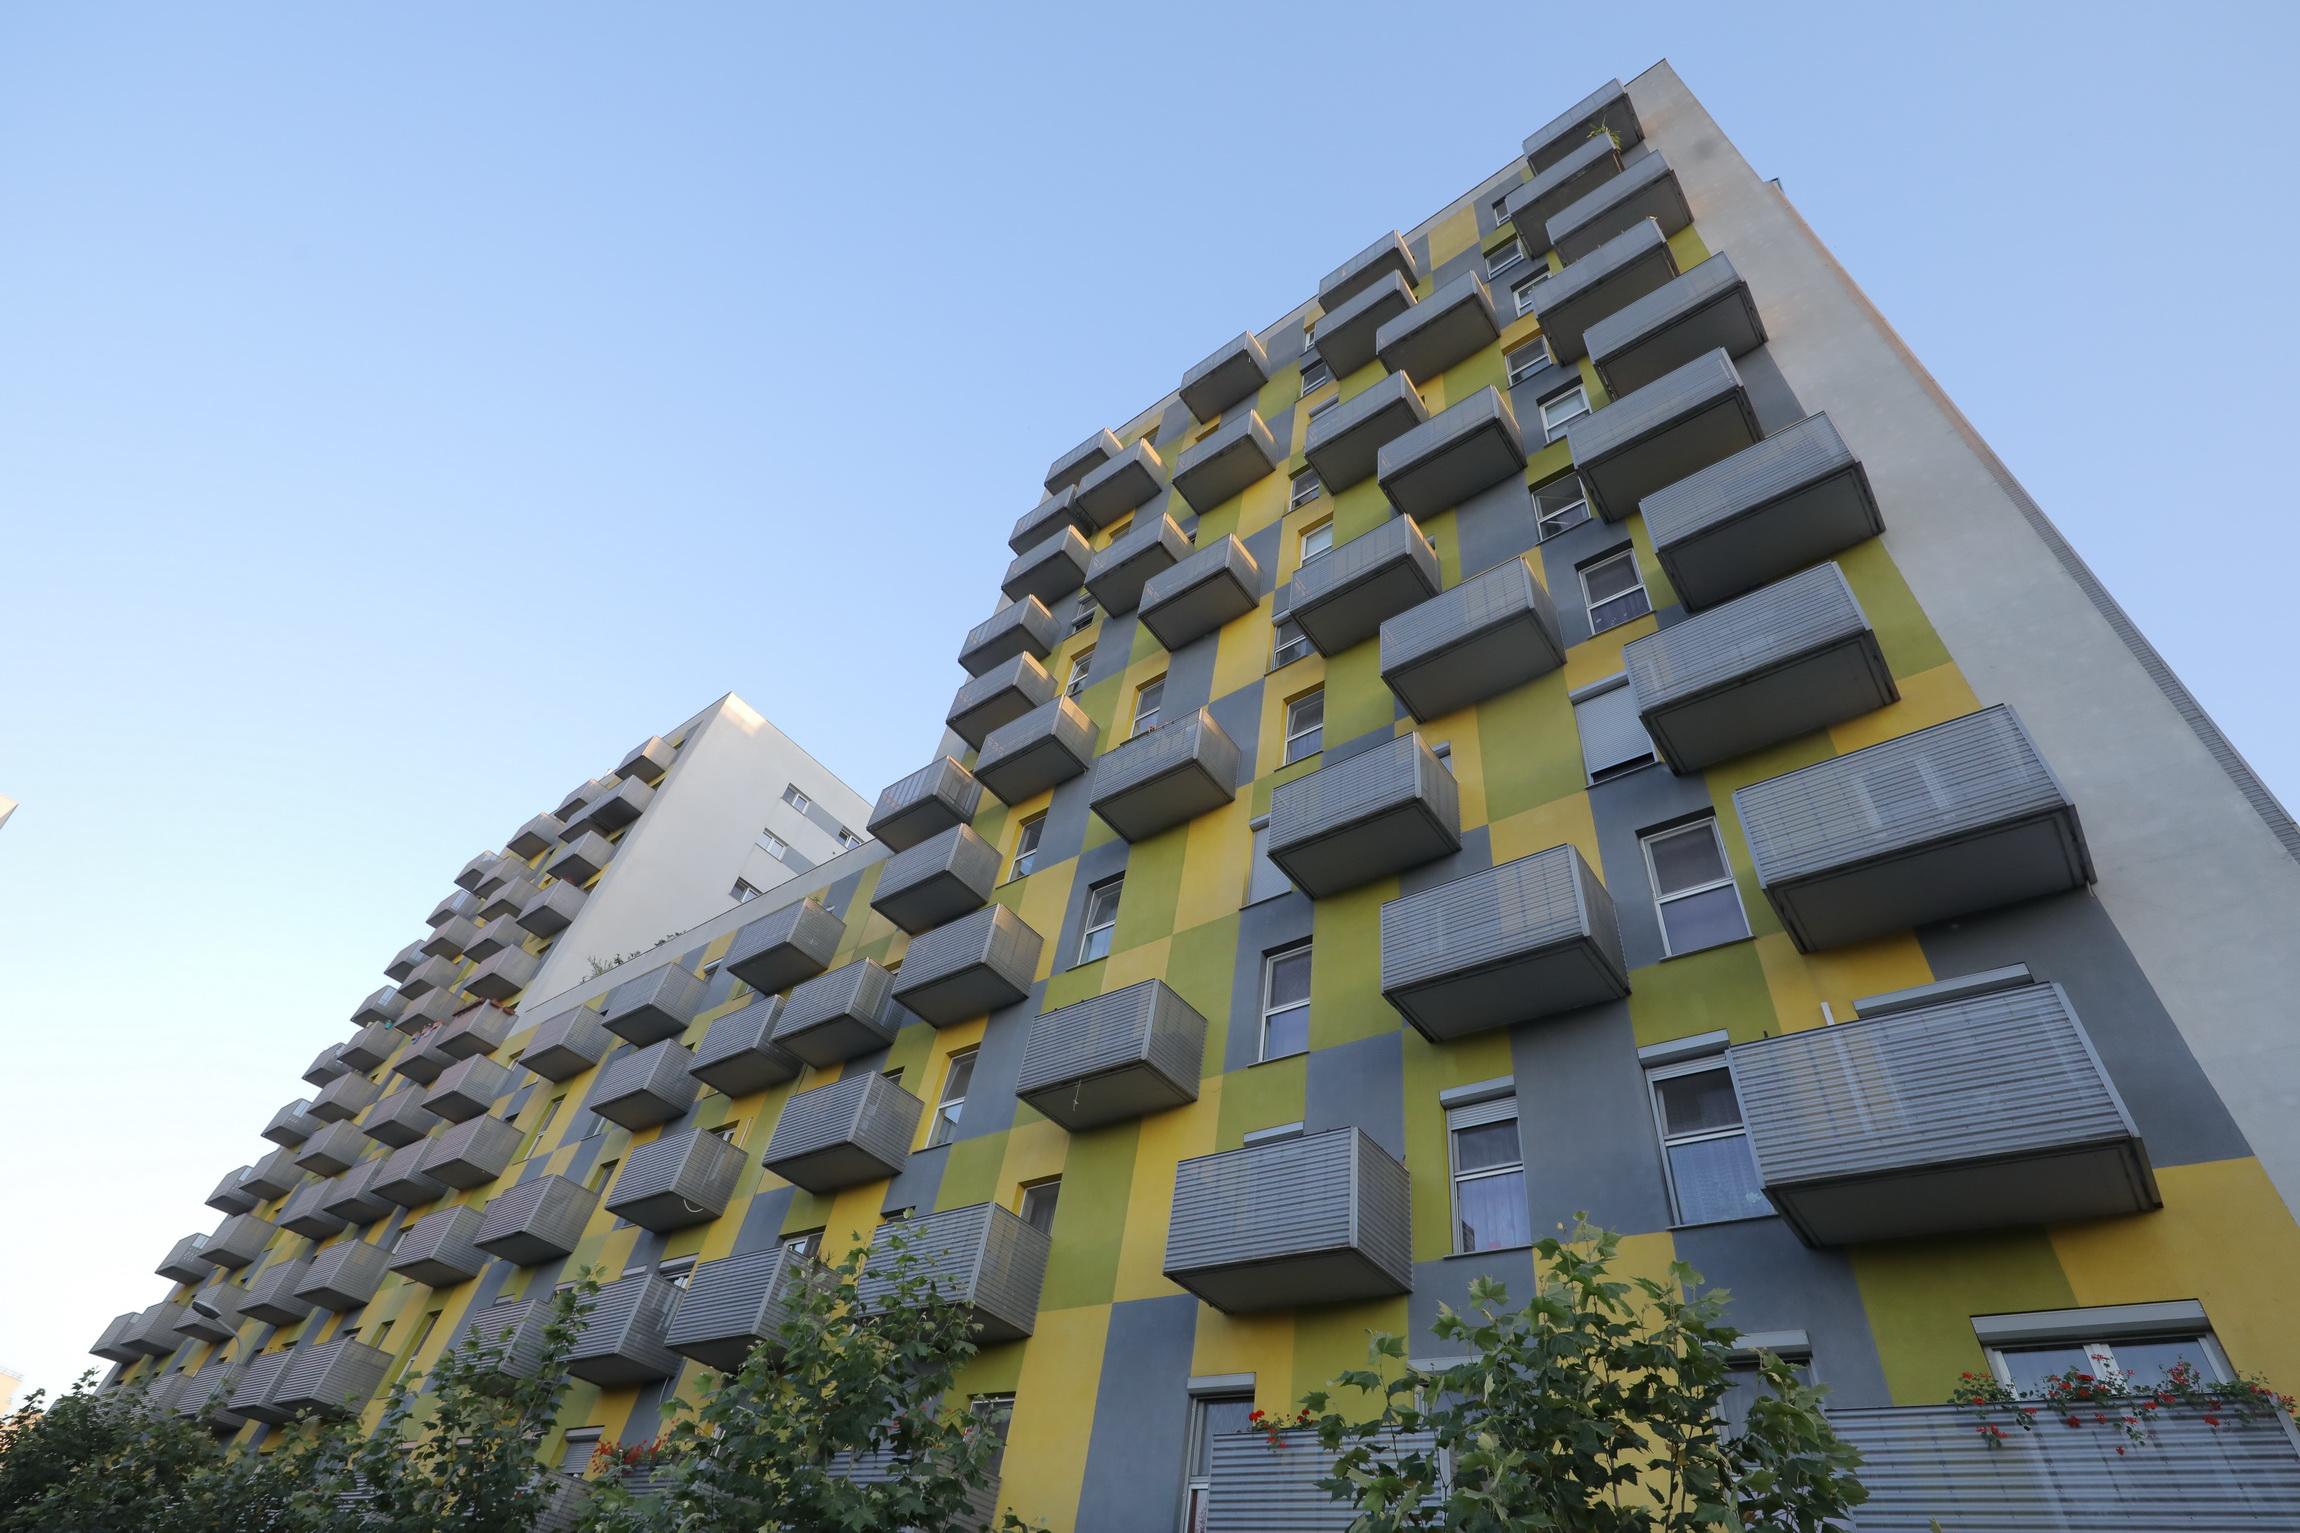 etaj apartament vivenda residence